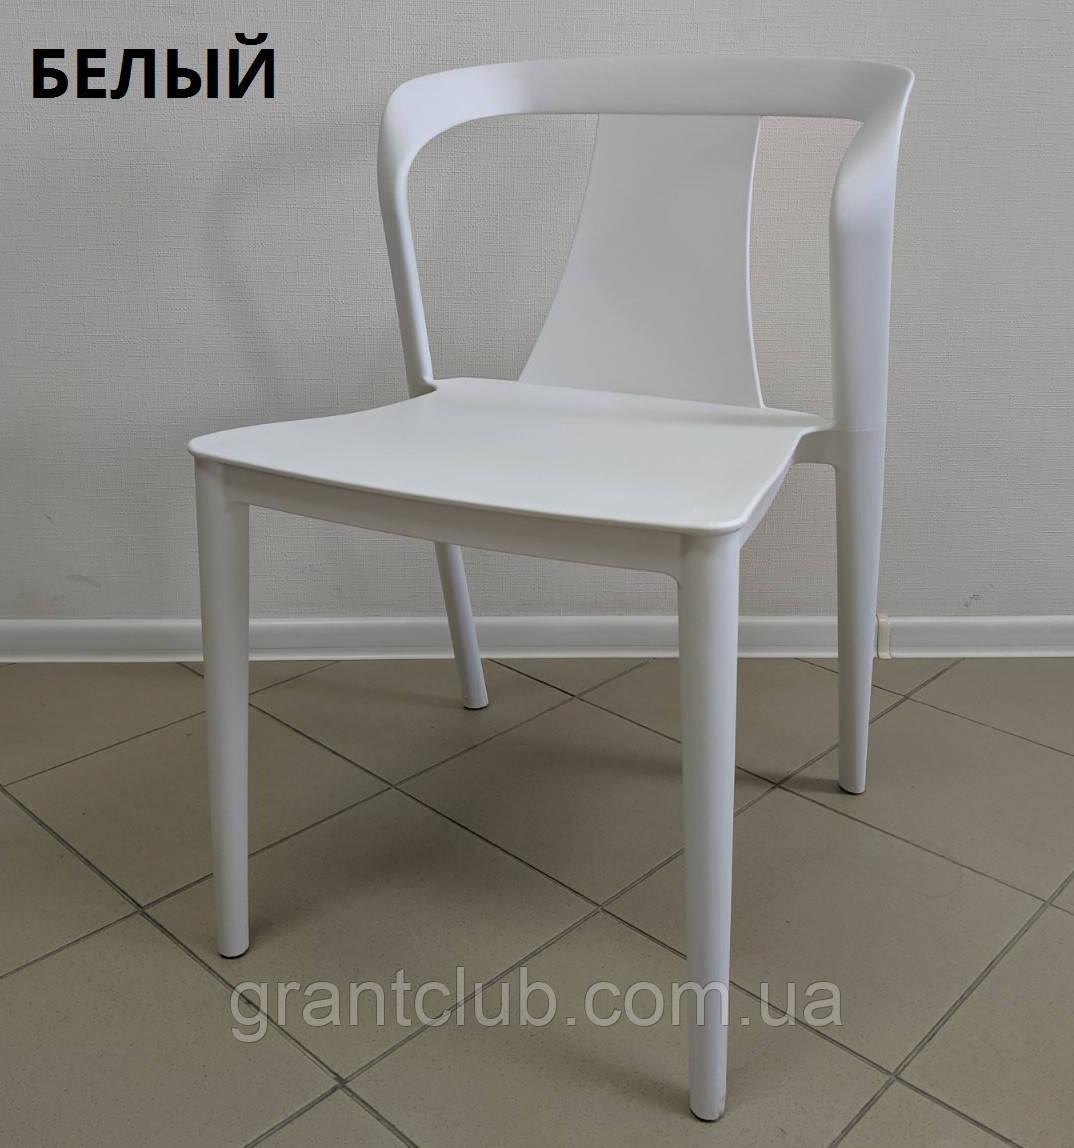 Cтул пластиковый IVA (Ива) белый полипропилен Nicolas